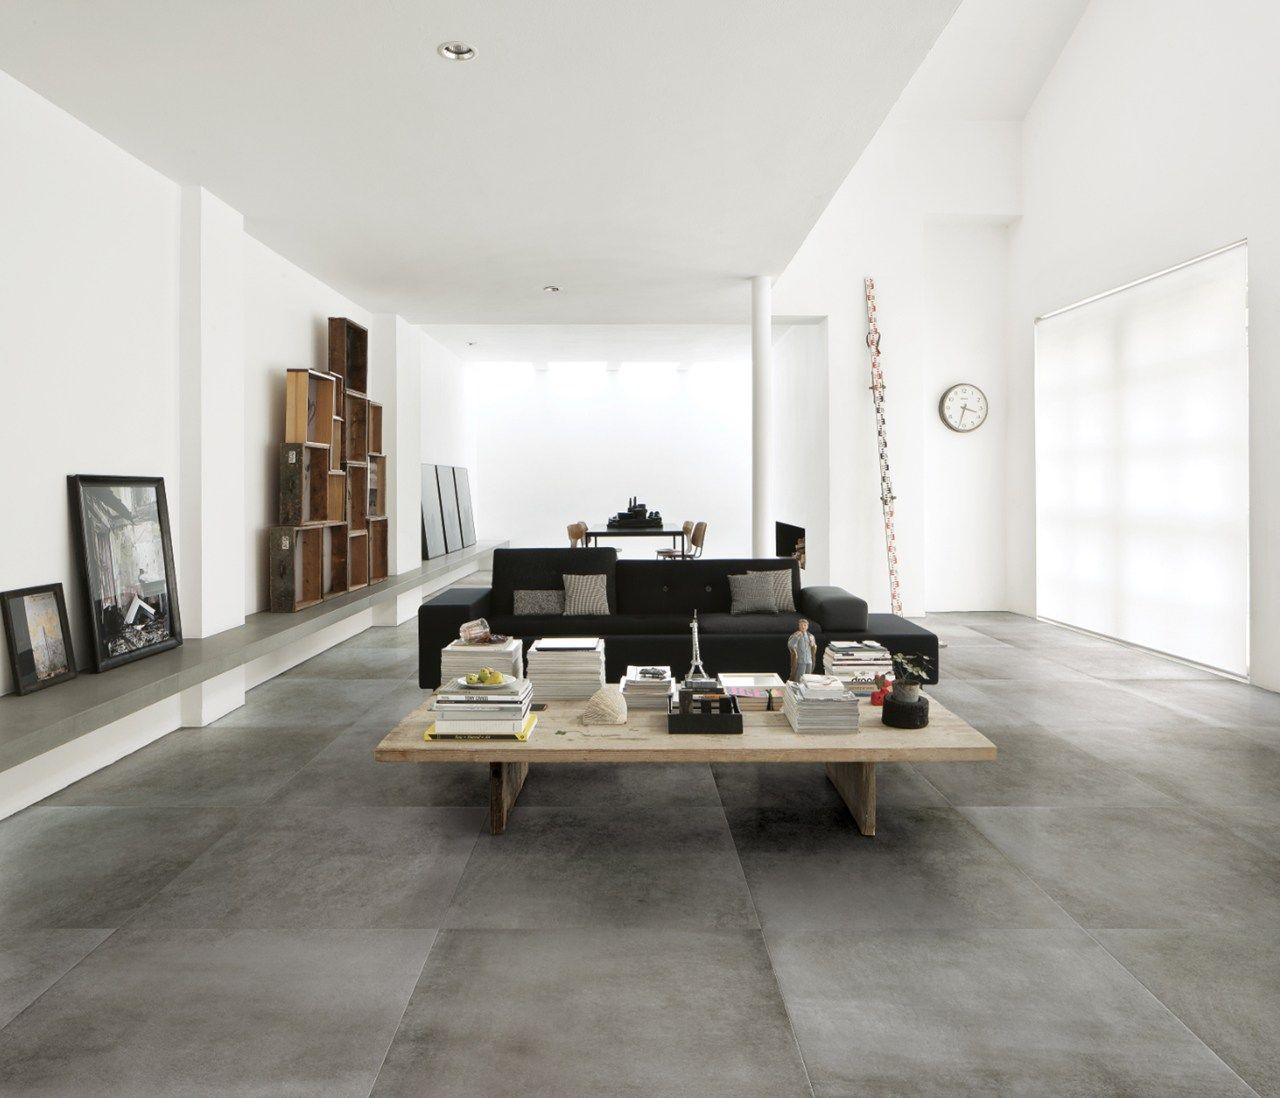 Pavimento rivestimento in gres porcellanato cottocemento for Ceramiche gres porcellanato